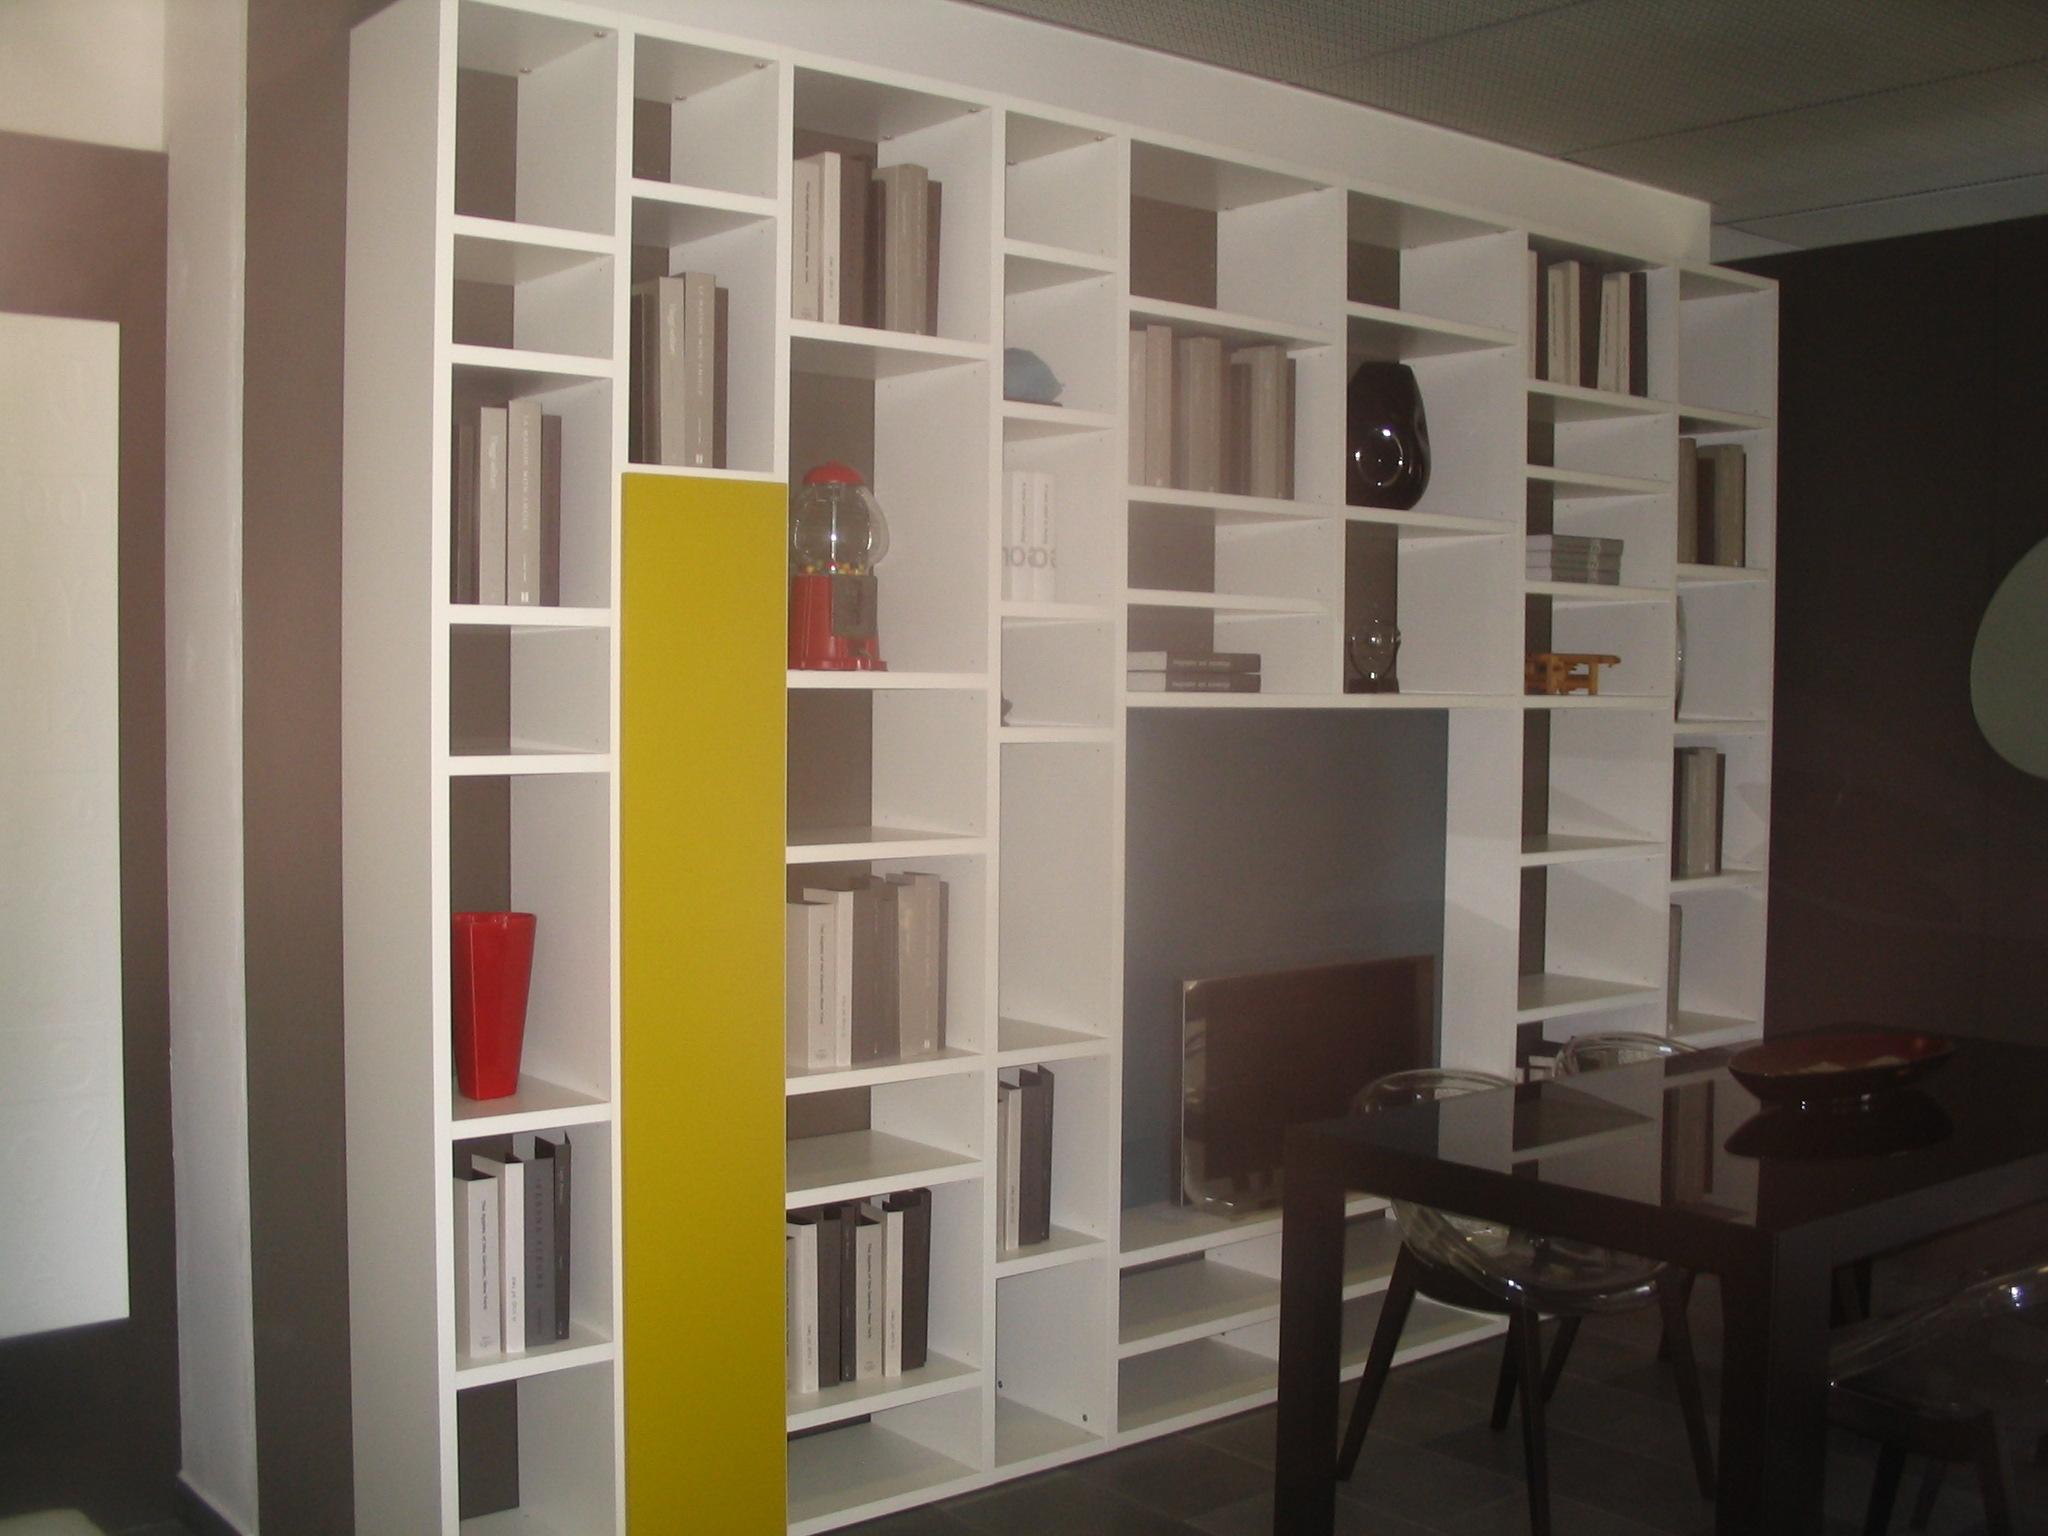 Soggiorno lema selecta laccato opaco librerie moderno for Libreria soggiorno moderno